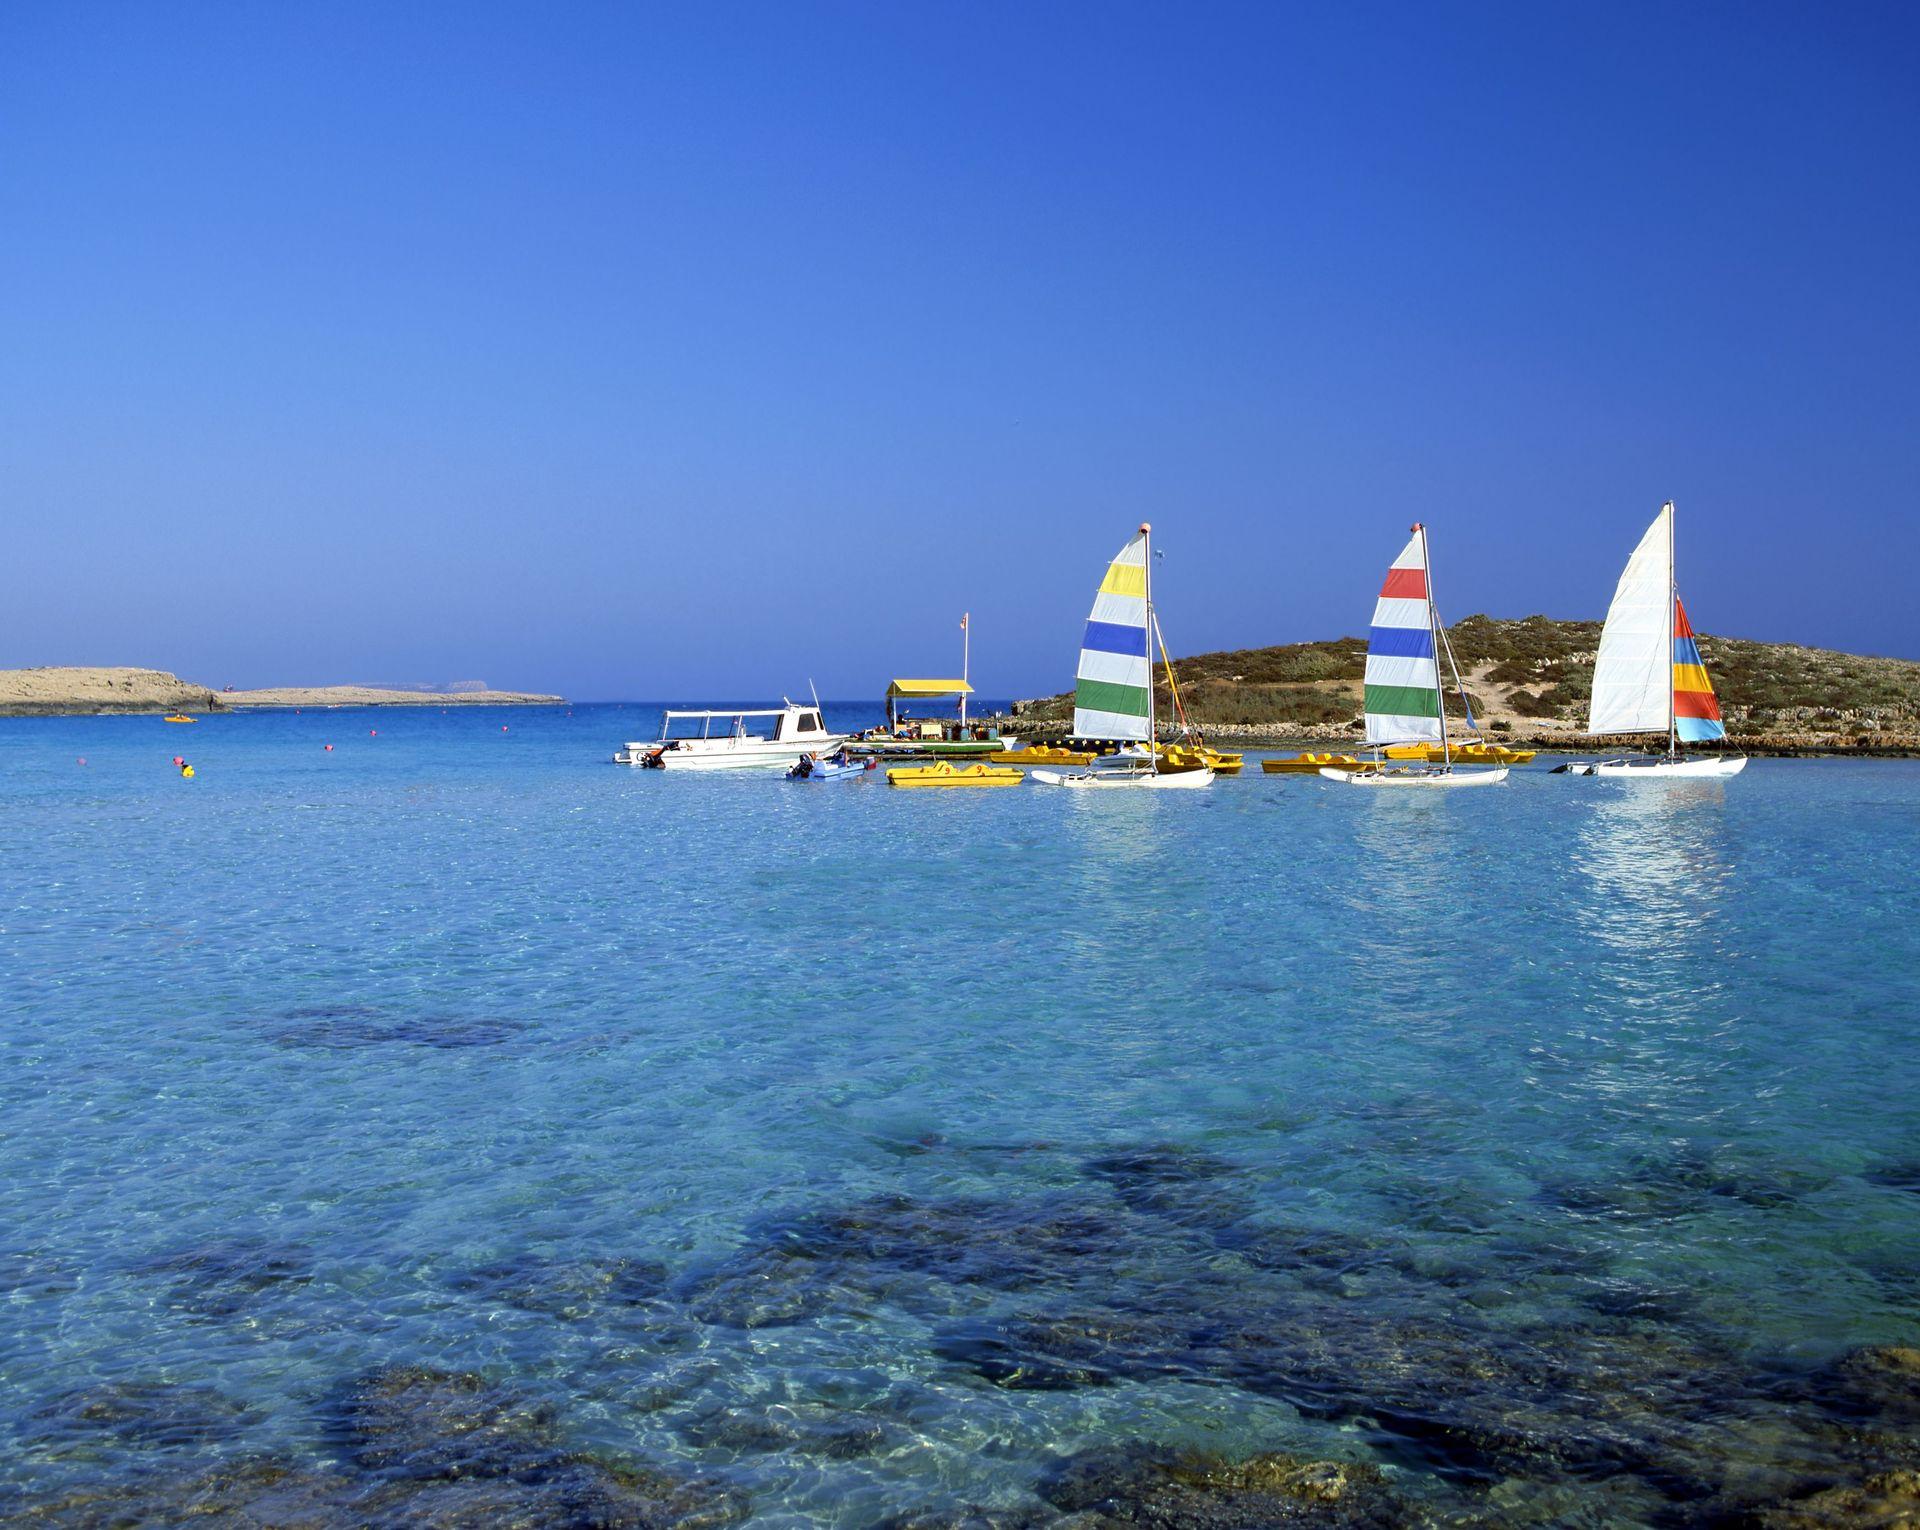 De prachtige zee bij Ayia Napa